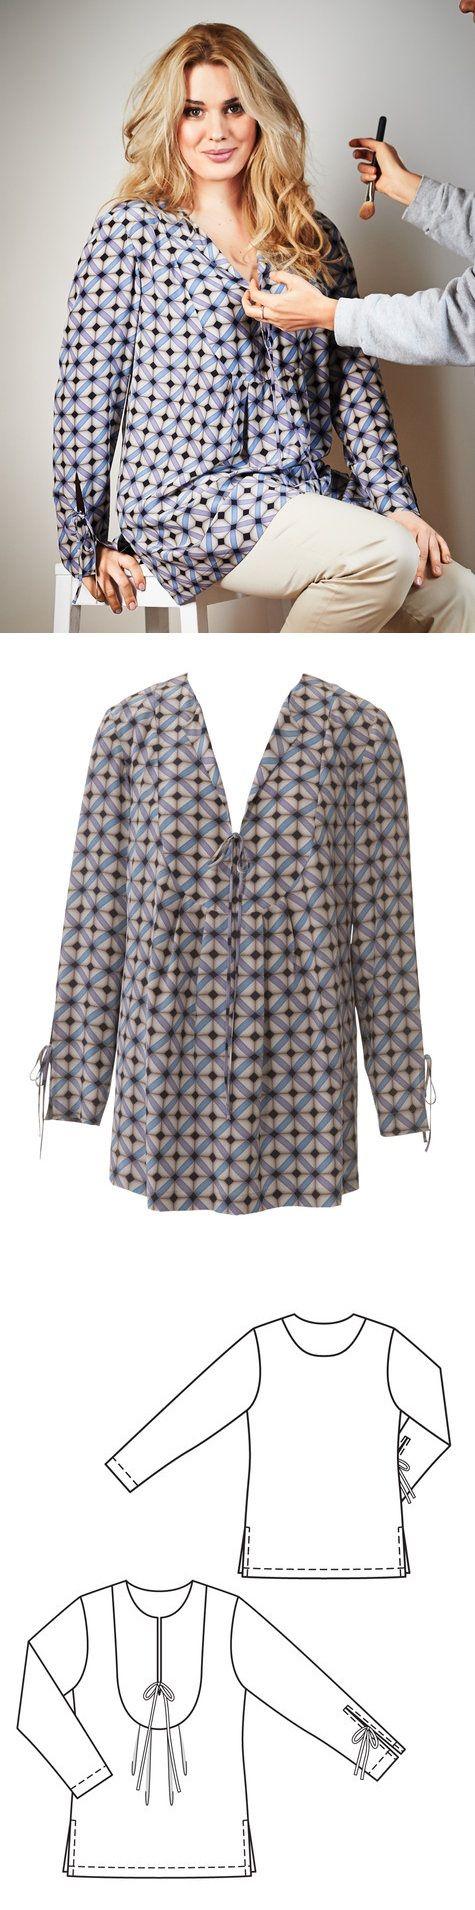 Yoked tunic plus size 062013 142 sewing patterns tunics and yoked tunic plus size 062013 142 plus size sewing patternstunic jeuxipadfo Image collections